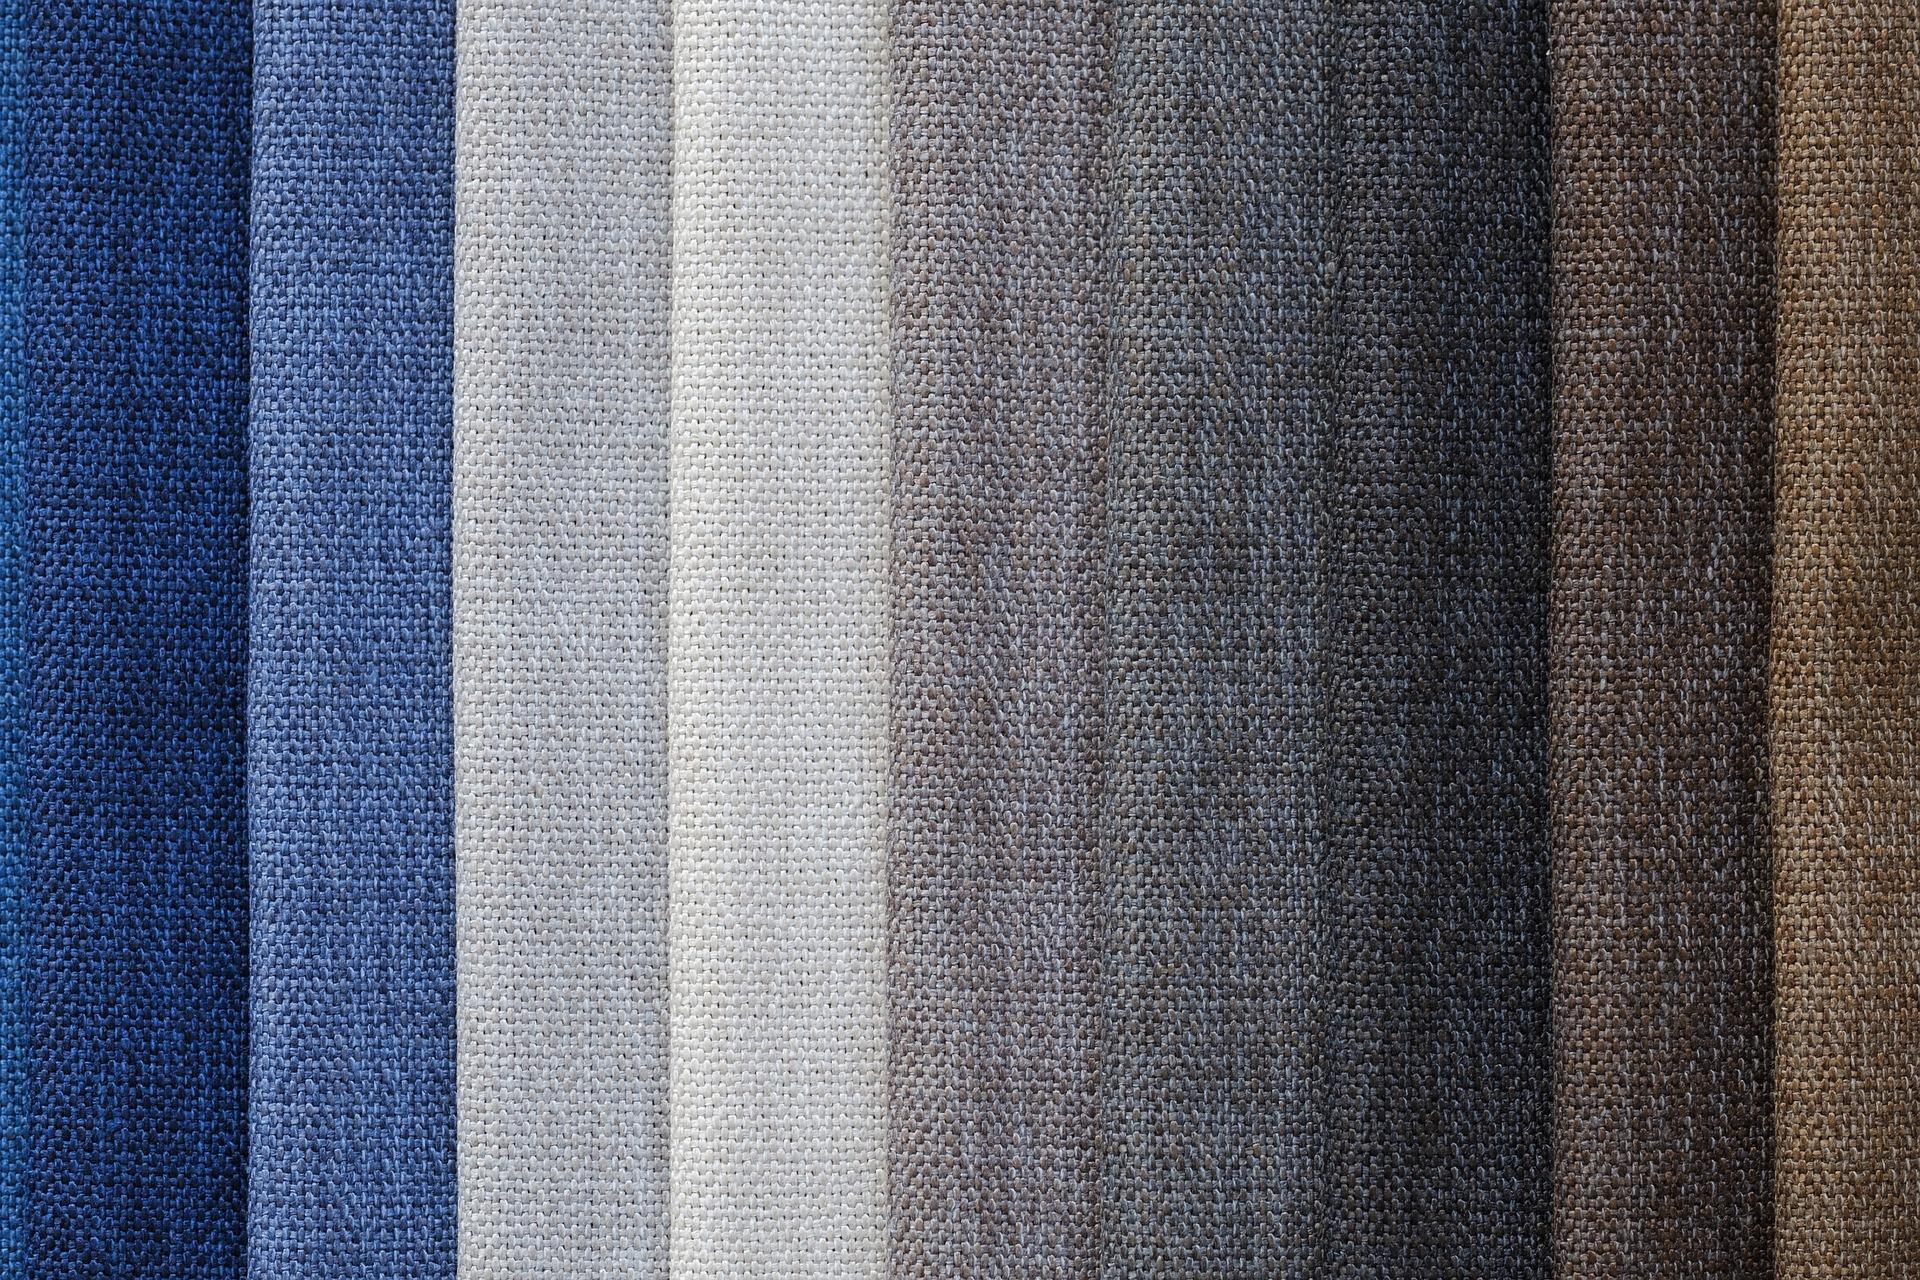 1554196820 fabric 35068461920